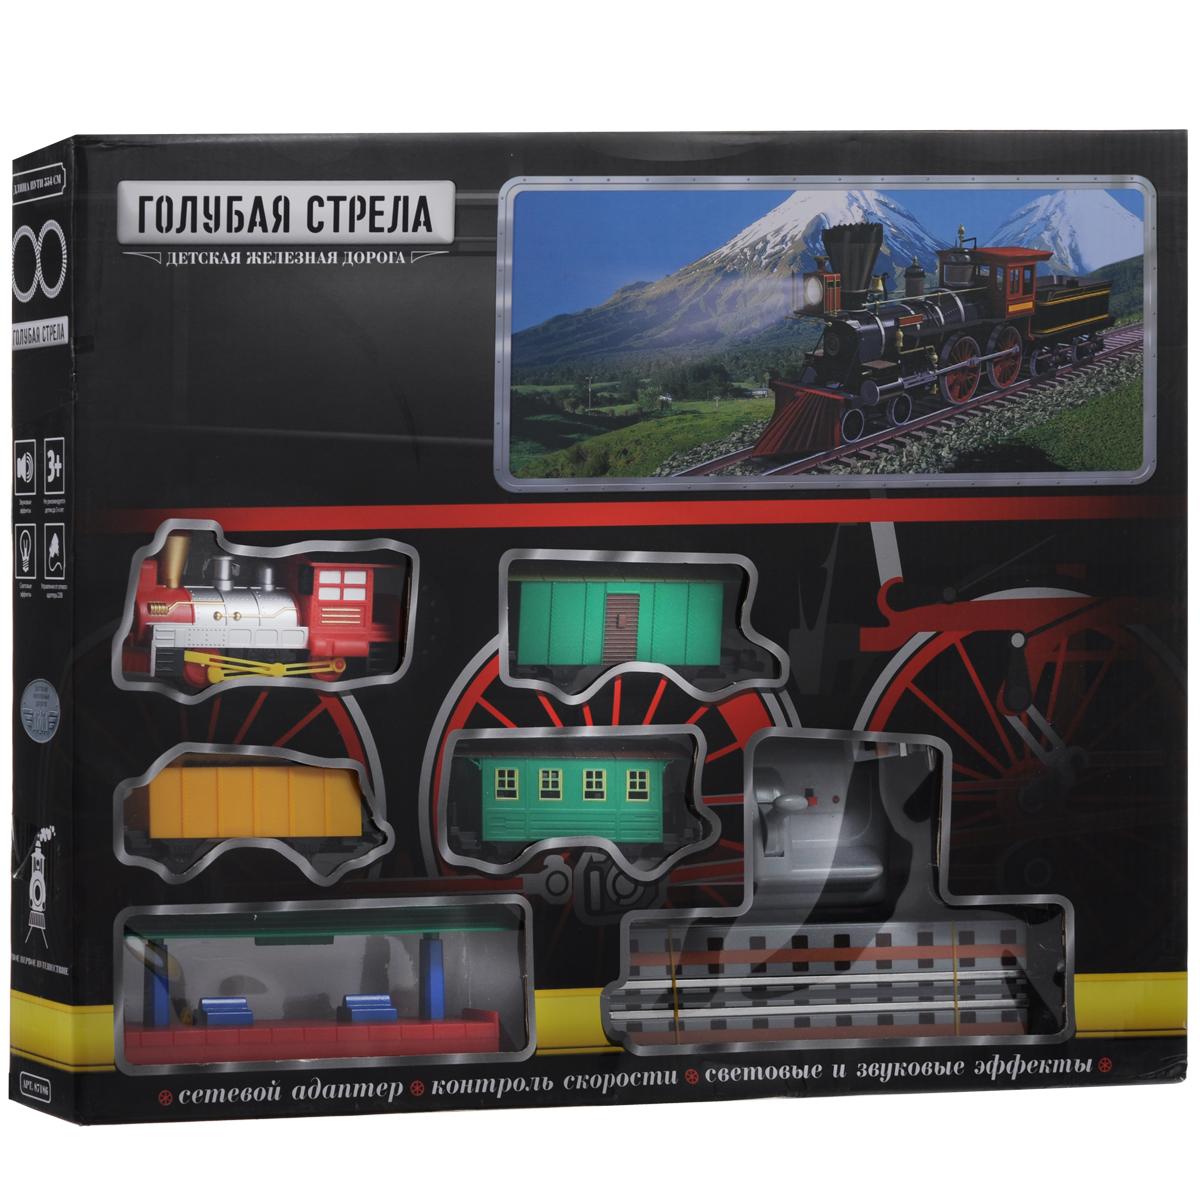 Электрическая железная дорога